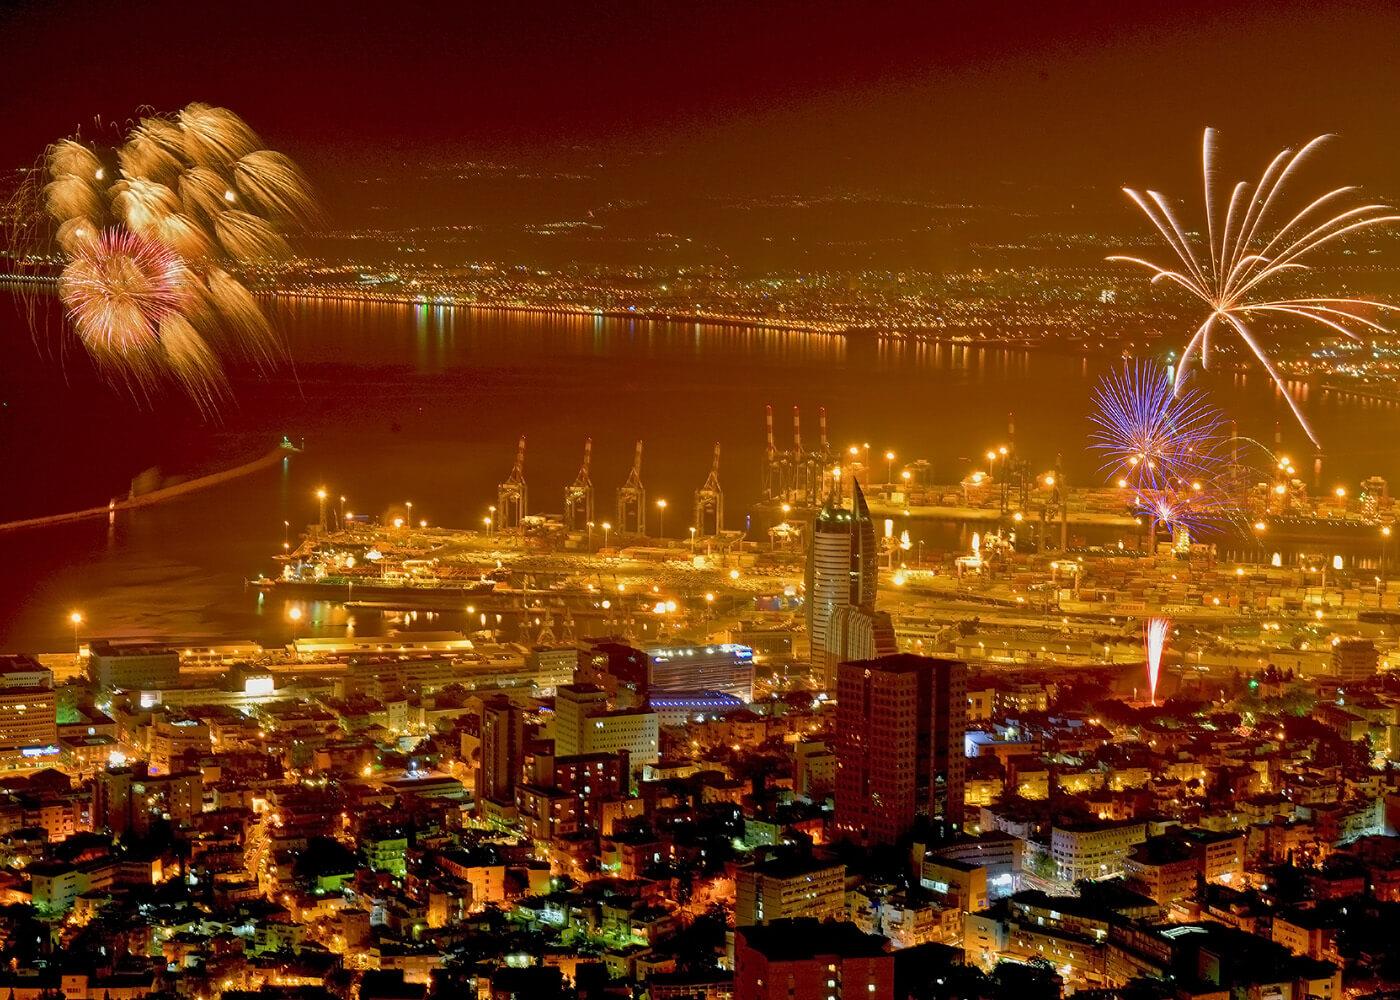 День независимости с фейерверками